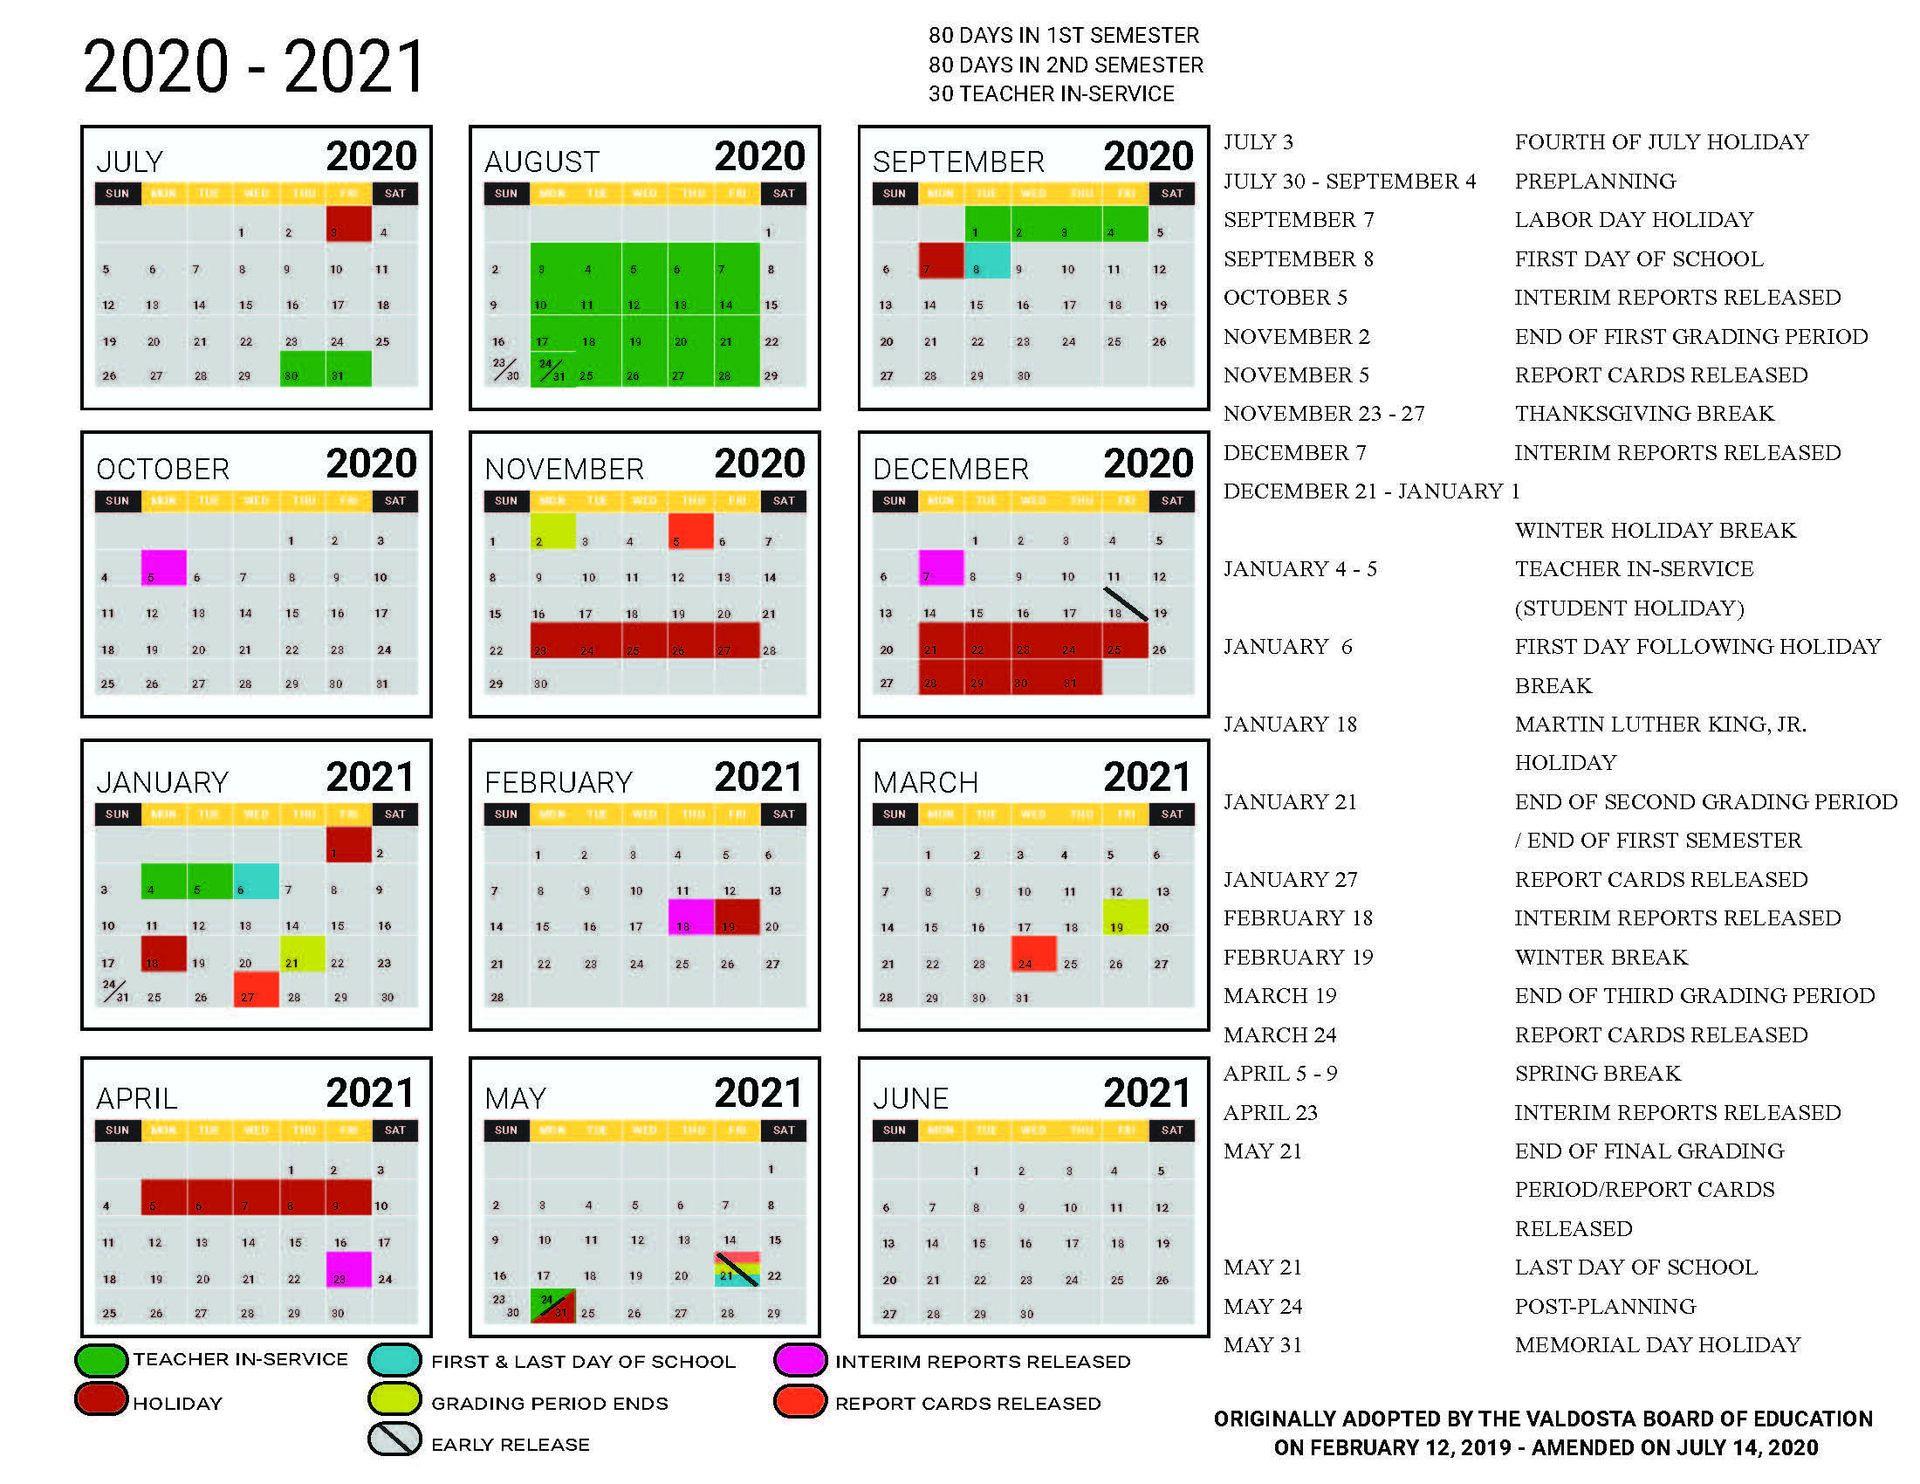 Gsu Calendar 2021-22 Images